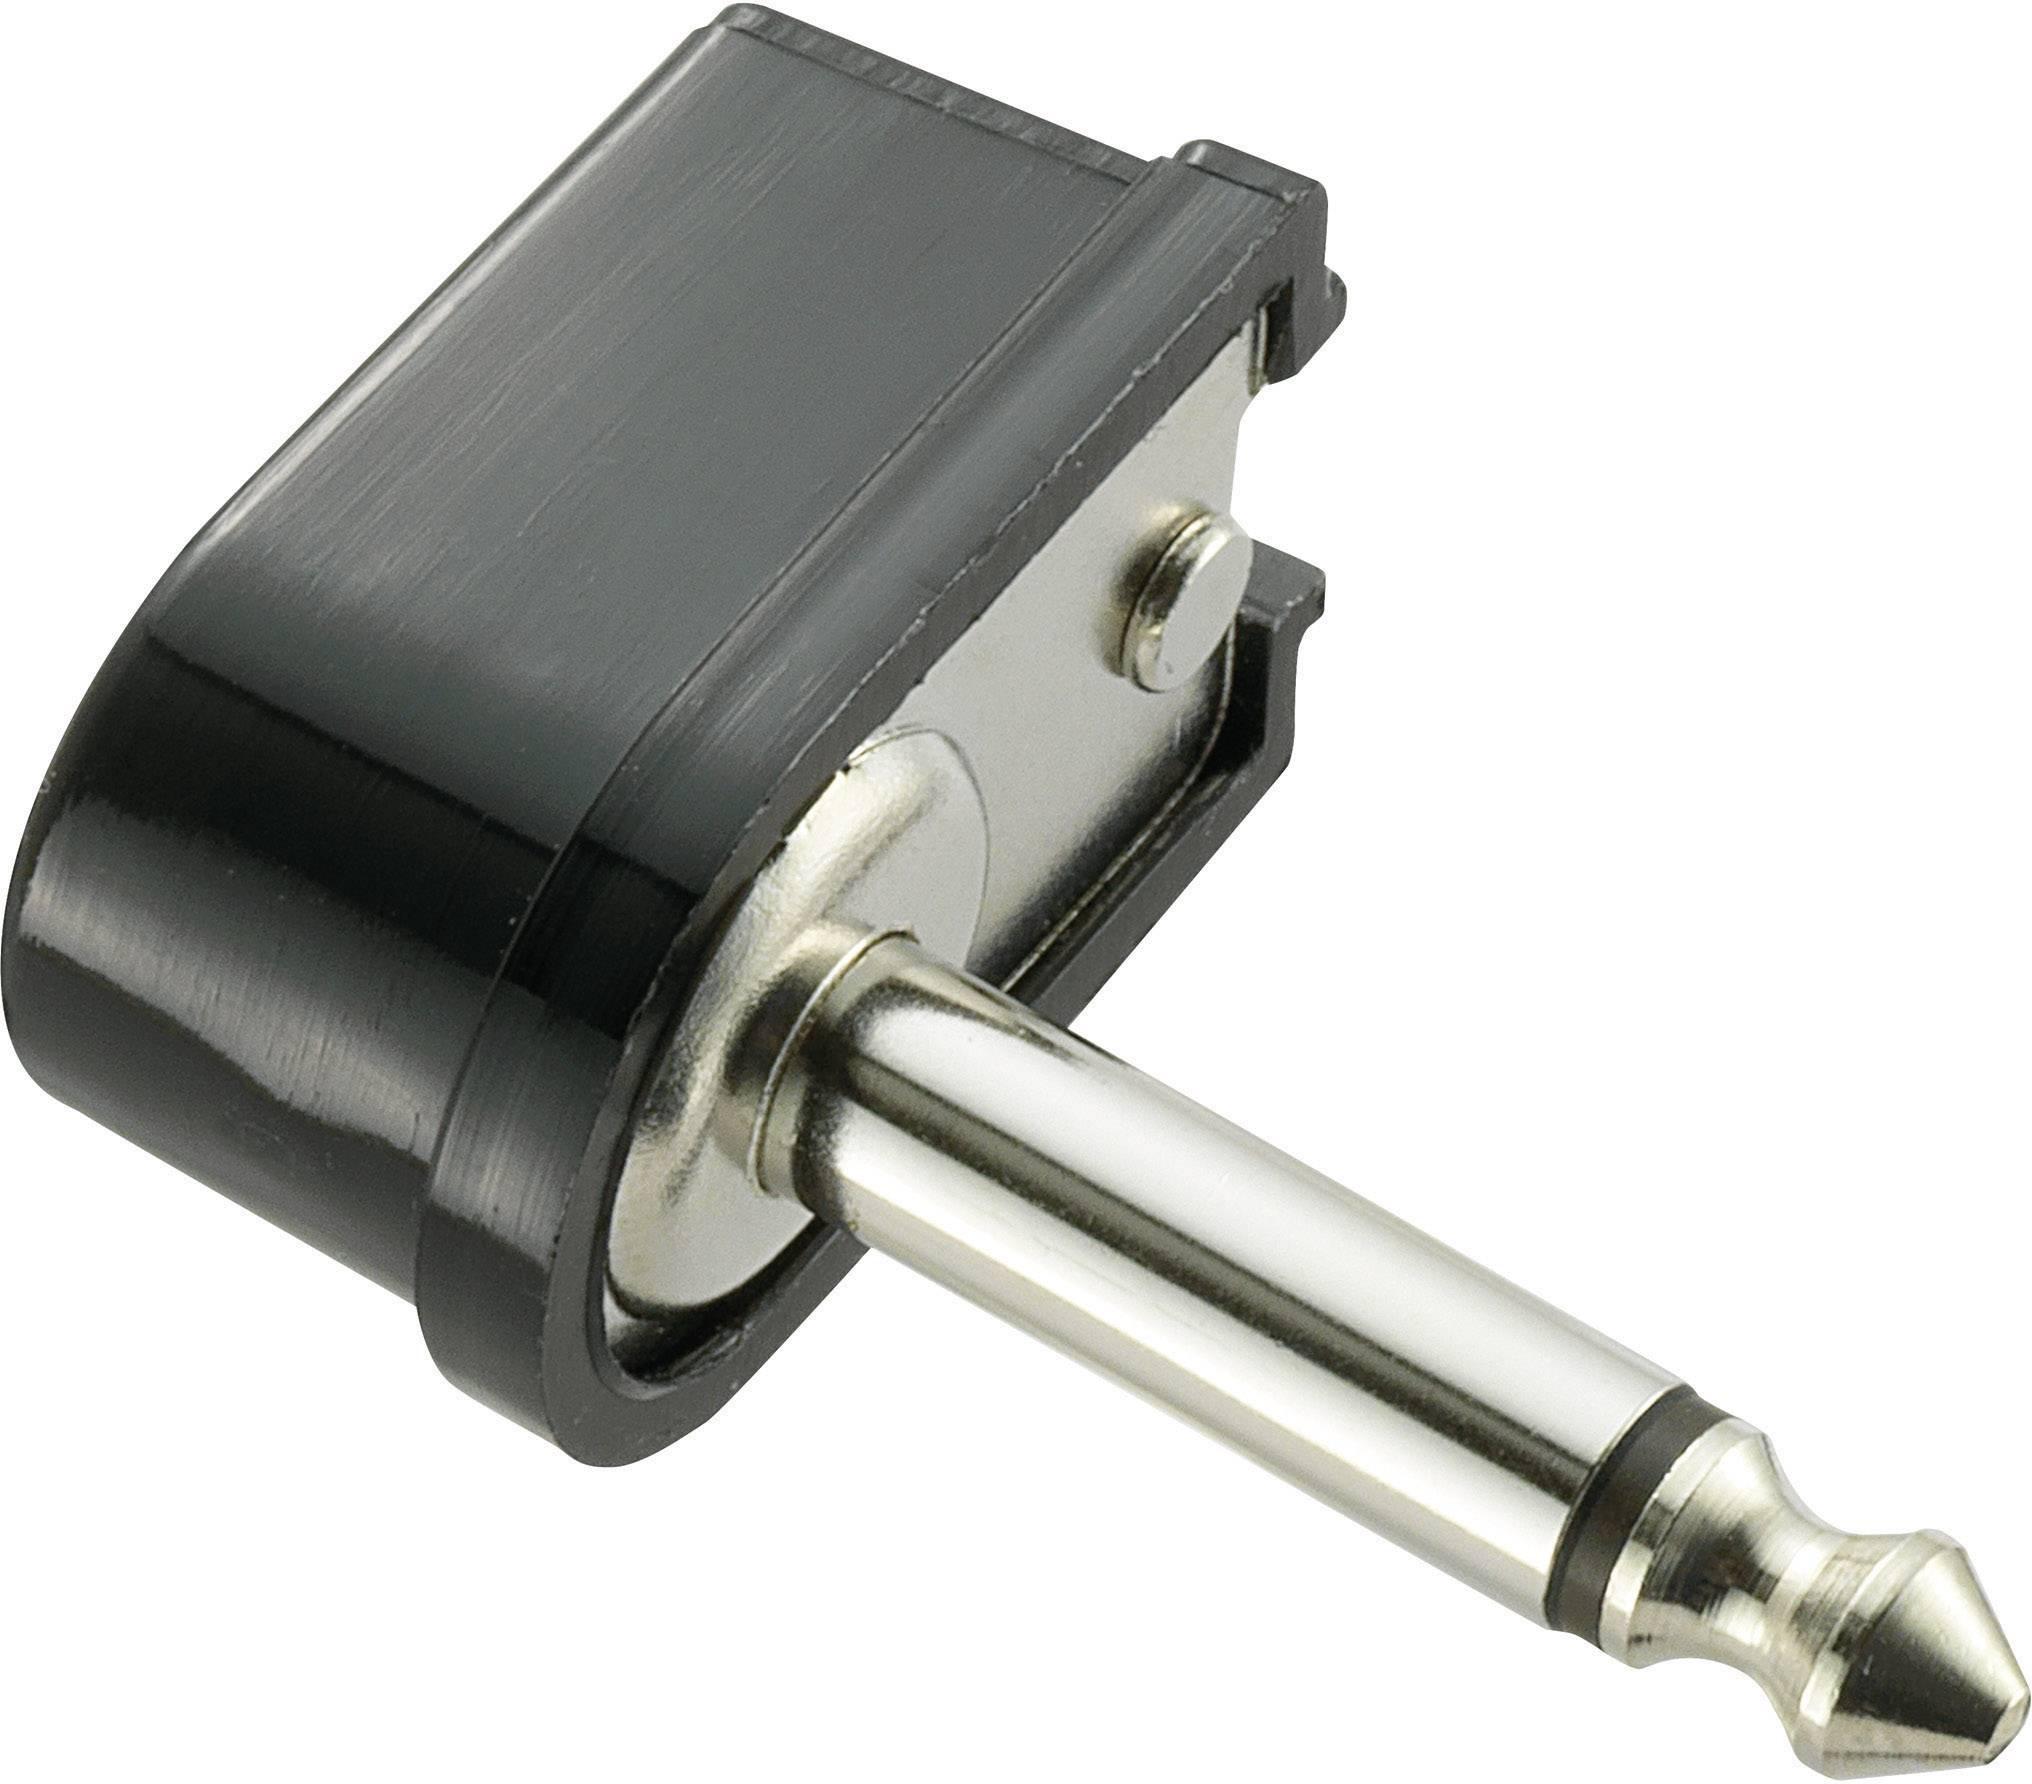 Jack konektor 6.35 mm čiernobiela zástrčka, zahnutá 2, čierna, 1 ks